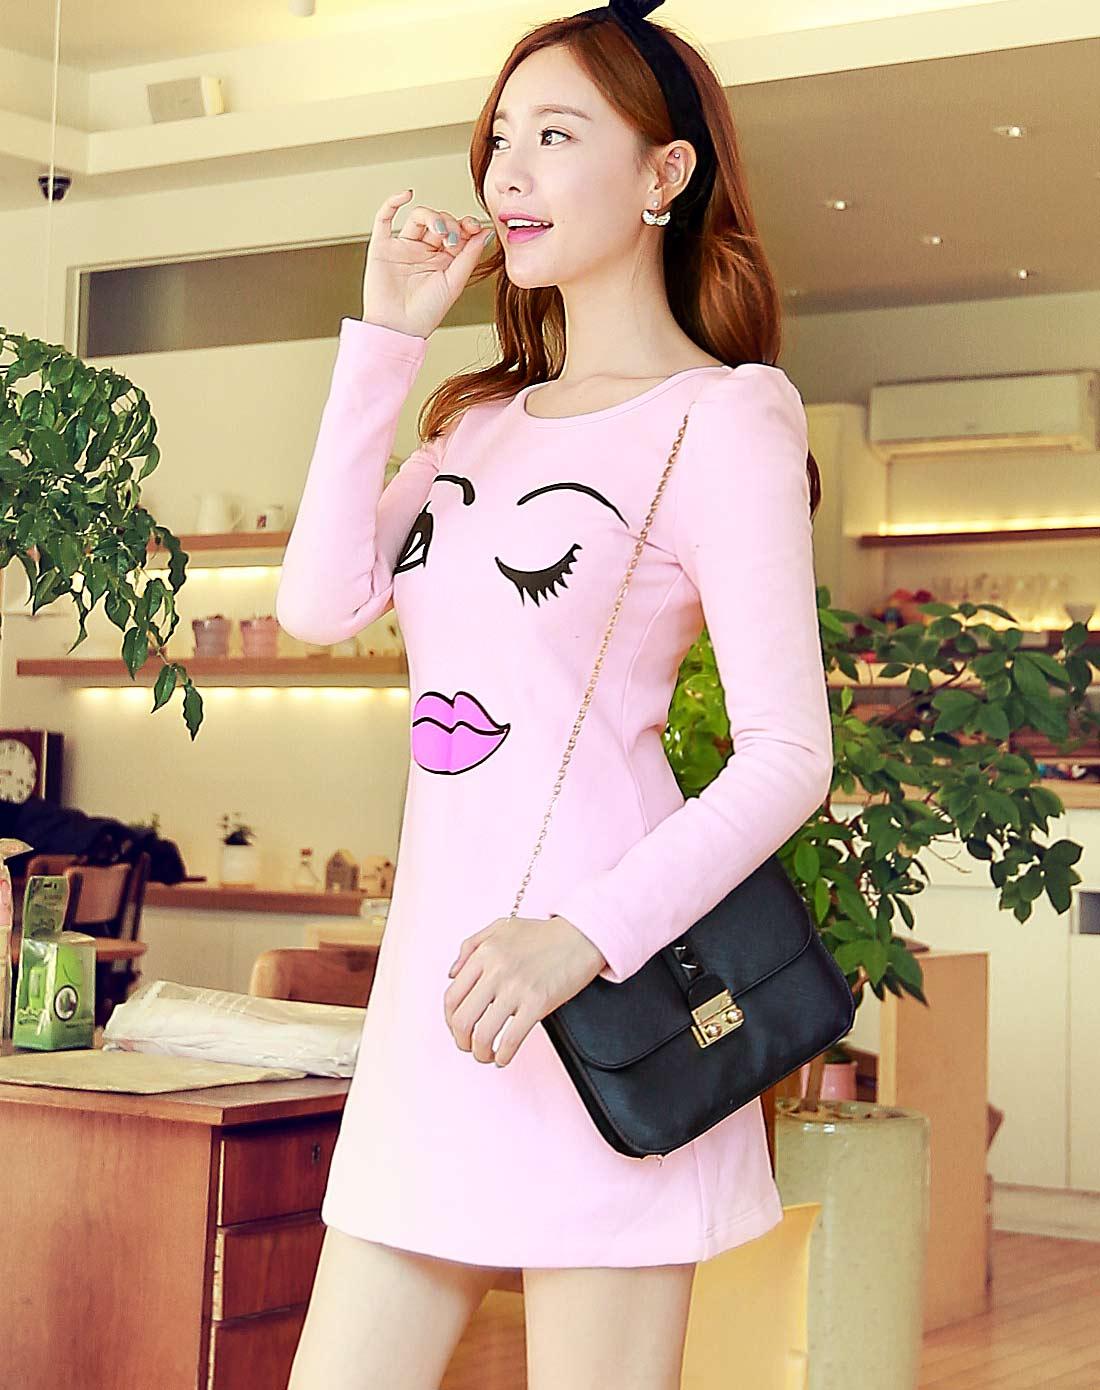 粉红色美女笑脸连衣裙